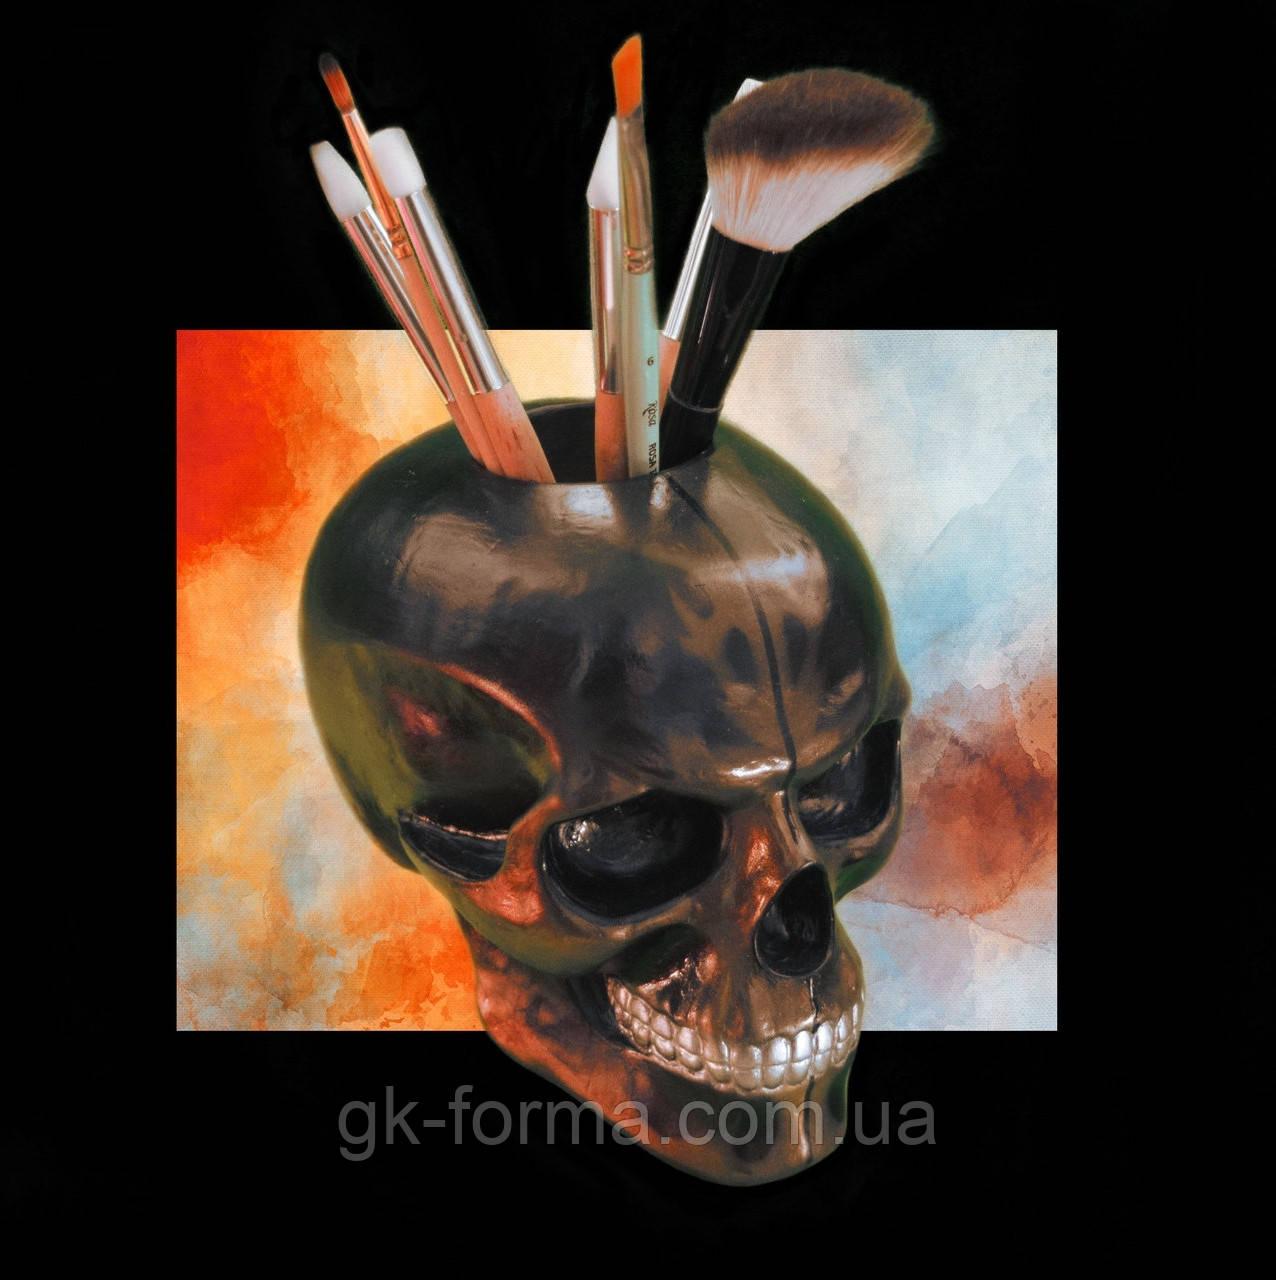 Черный череп с арнаментом. Статуэтка с отверстием из гипса